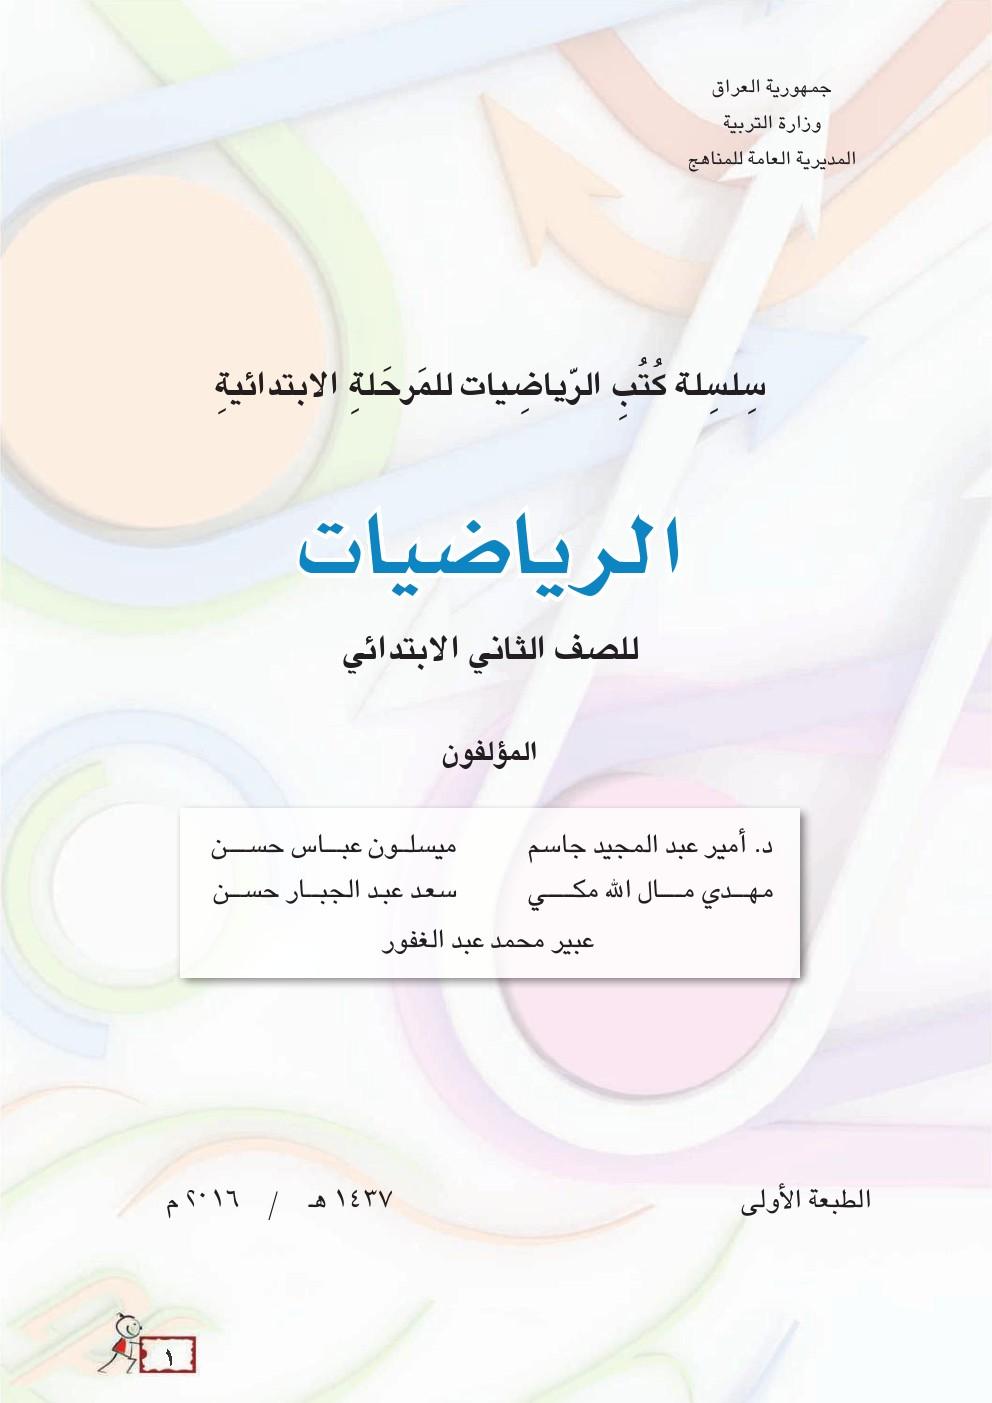 كتاب الرياضيات للصف الثاني الابتدائي المنهج الجديد 2016